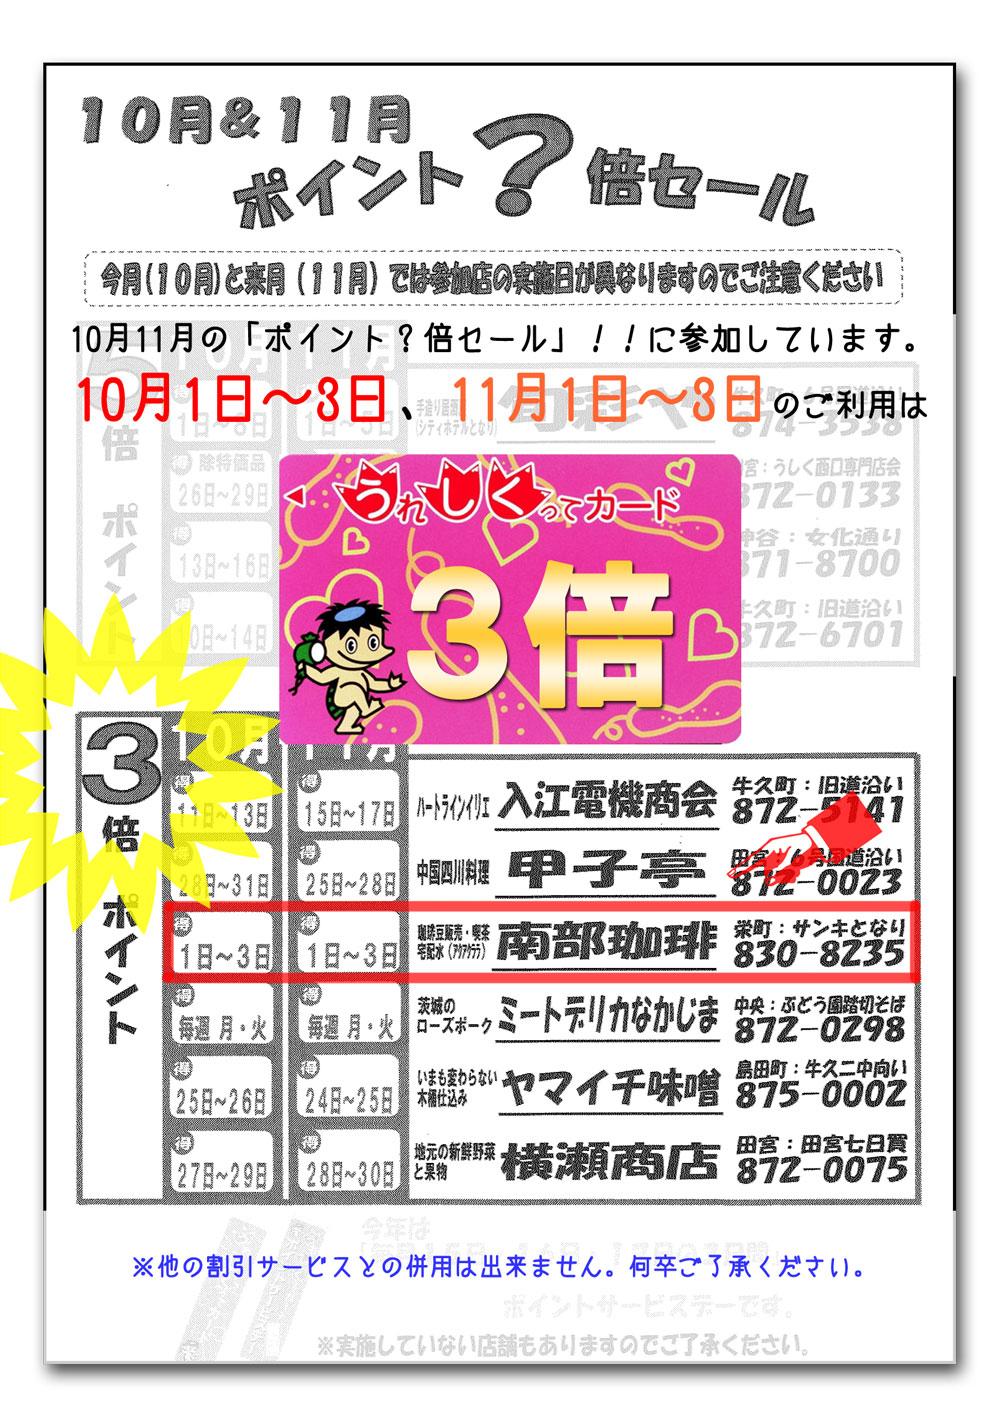 10月1日~3日はうれしくってカードポイント3倍 (牛久スタンプ会)